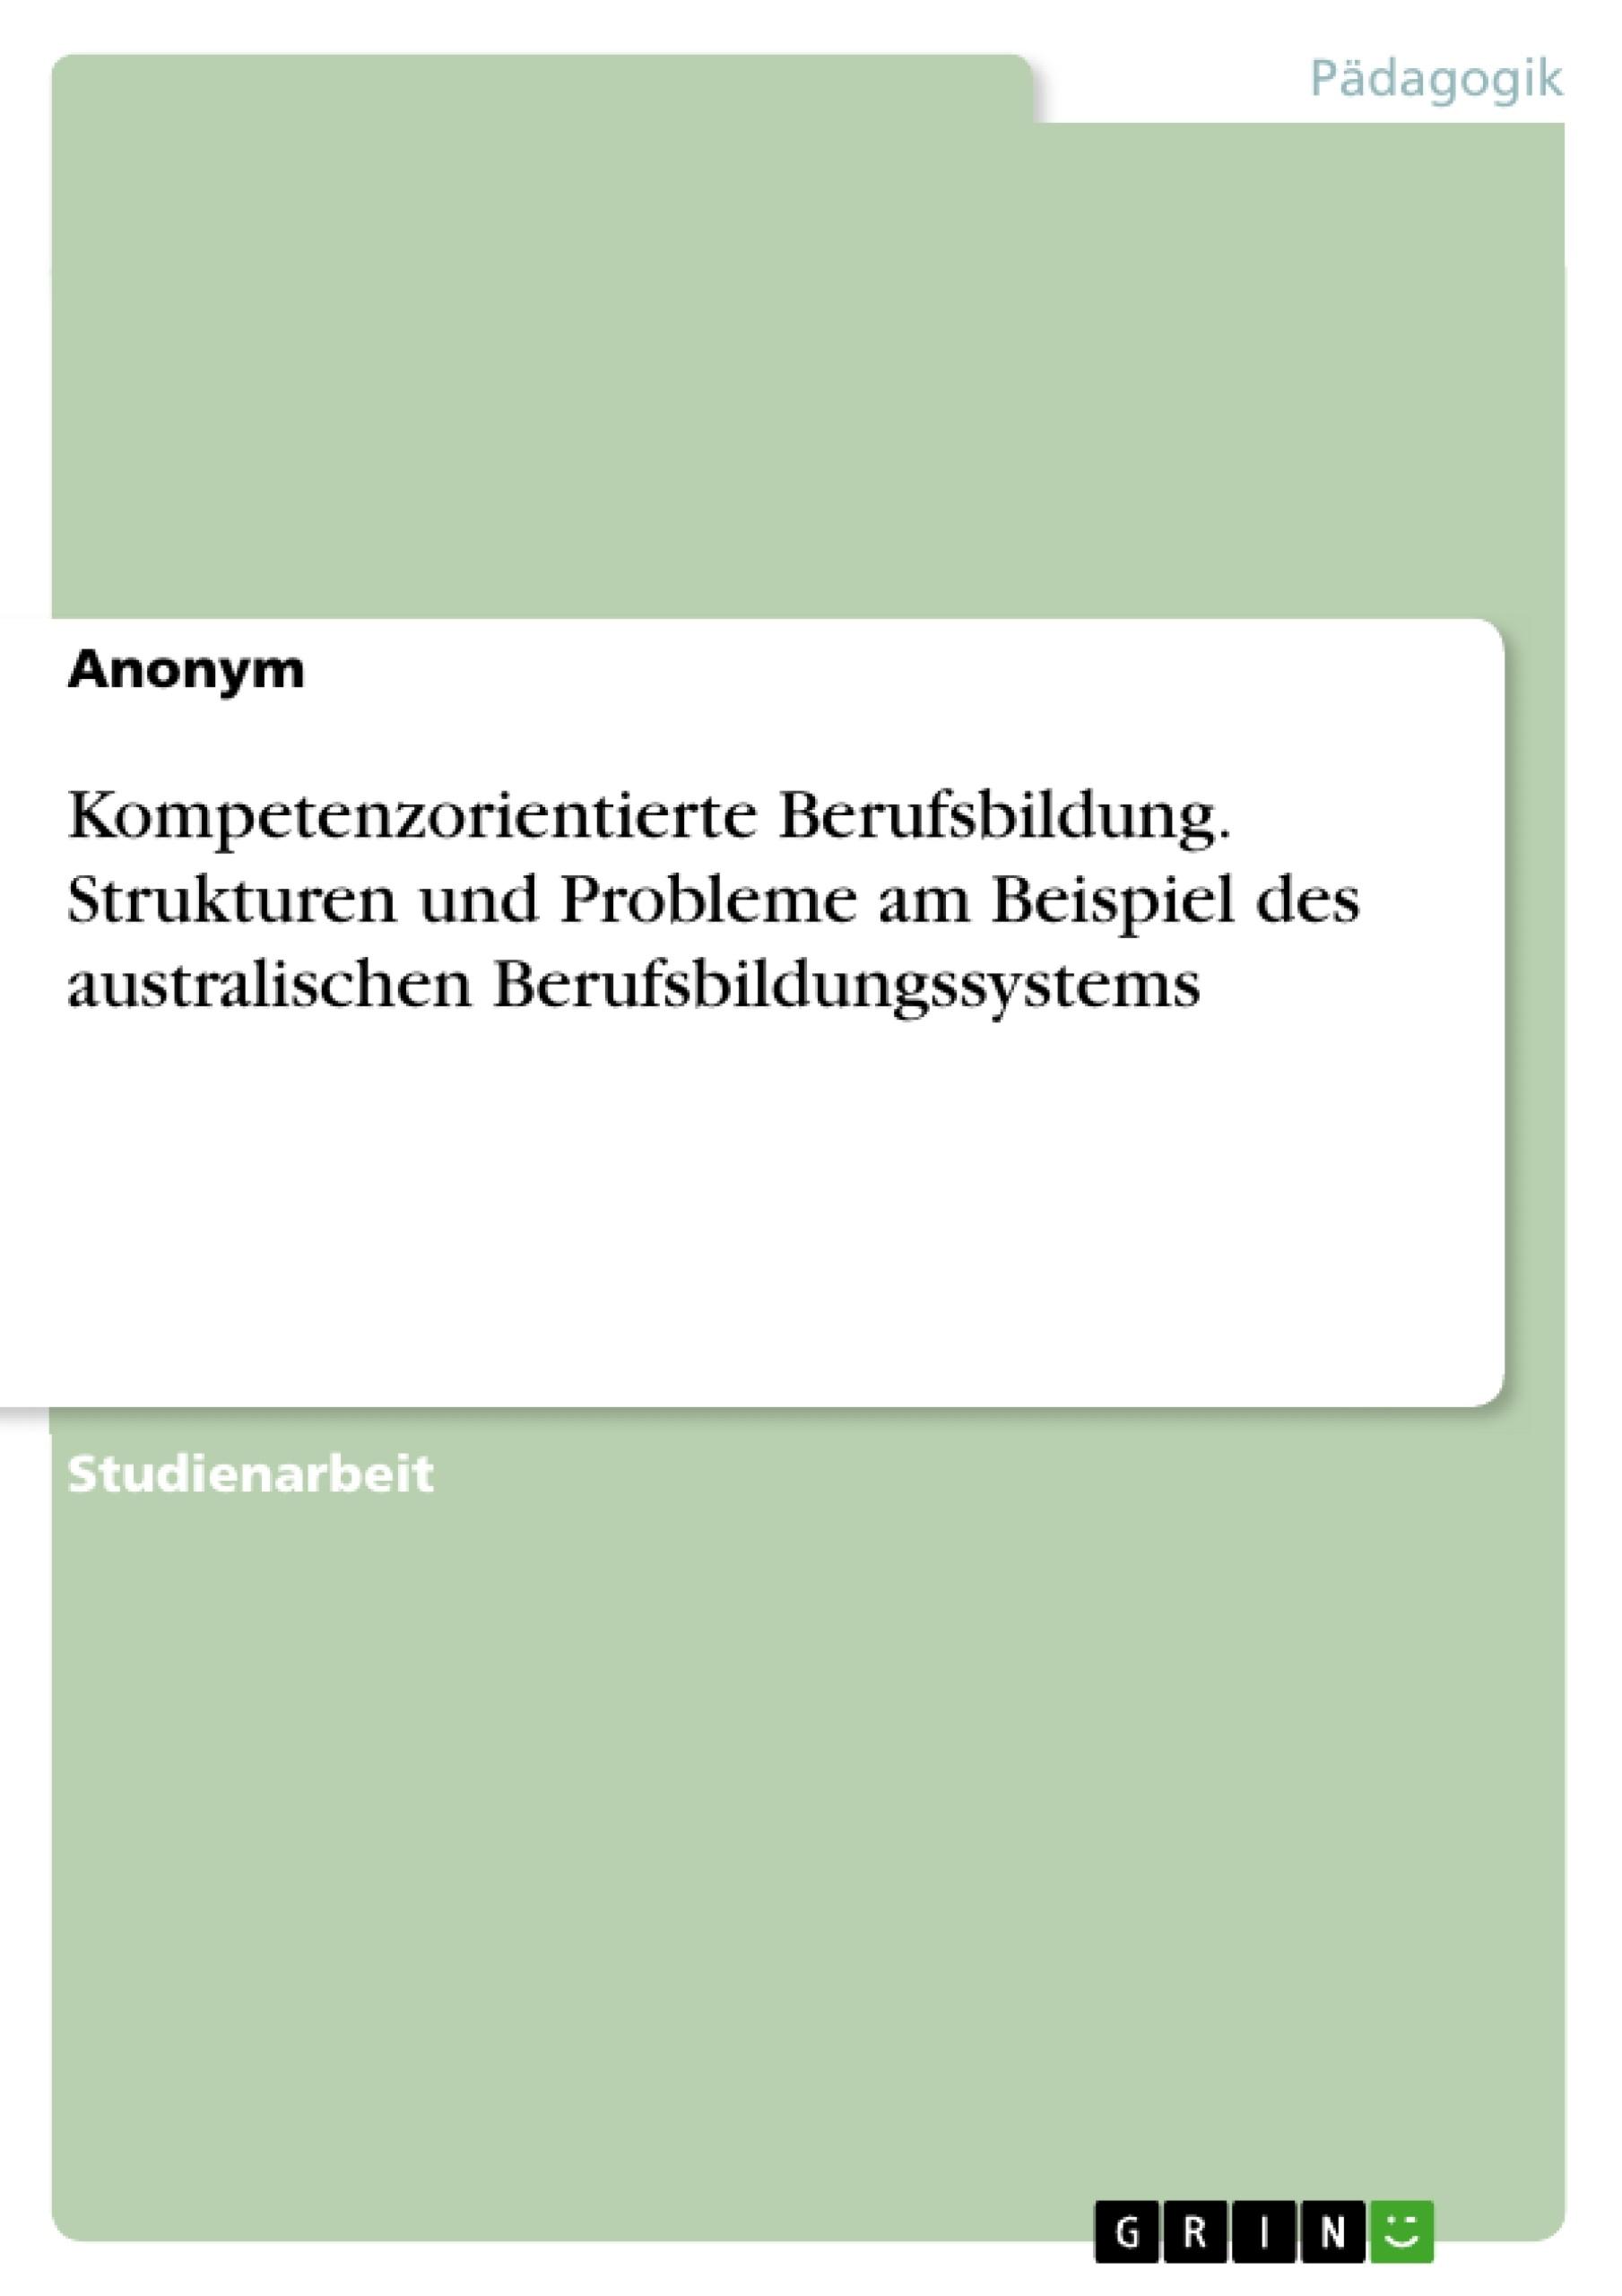 Titel: Kompetenzorientierte Berufsbildung. Strukturen und Probleme am Beispiel des australischen Berufsbildungssystems